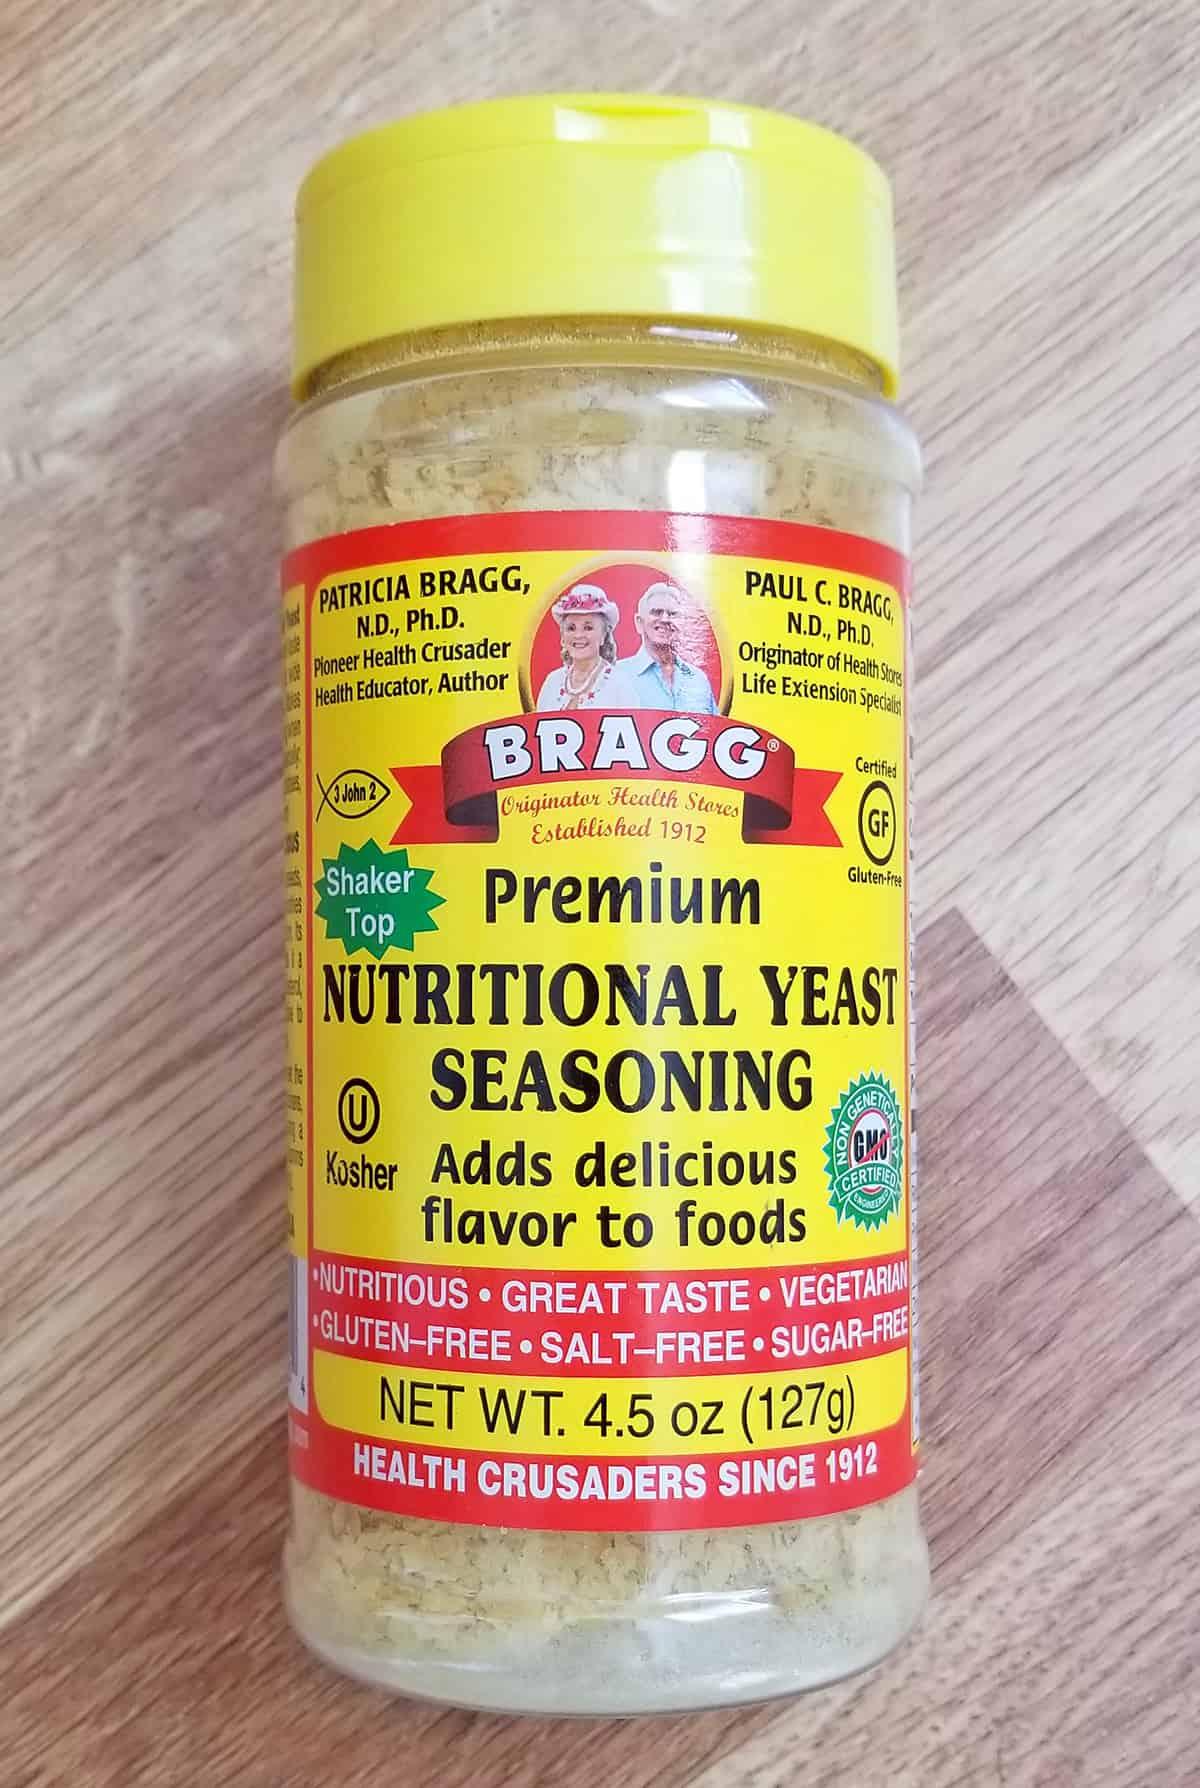 Braggs nutritional yeast bottle